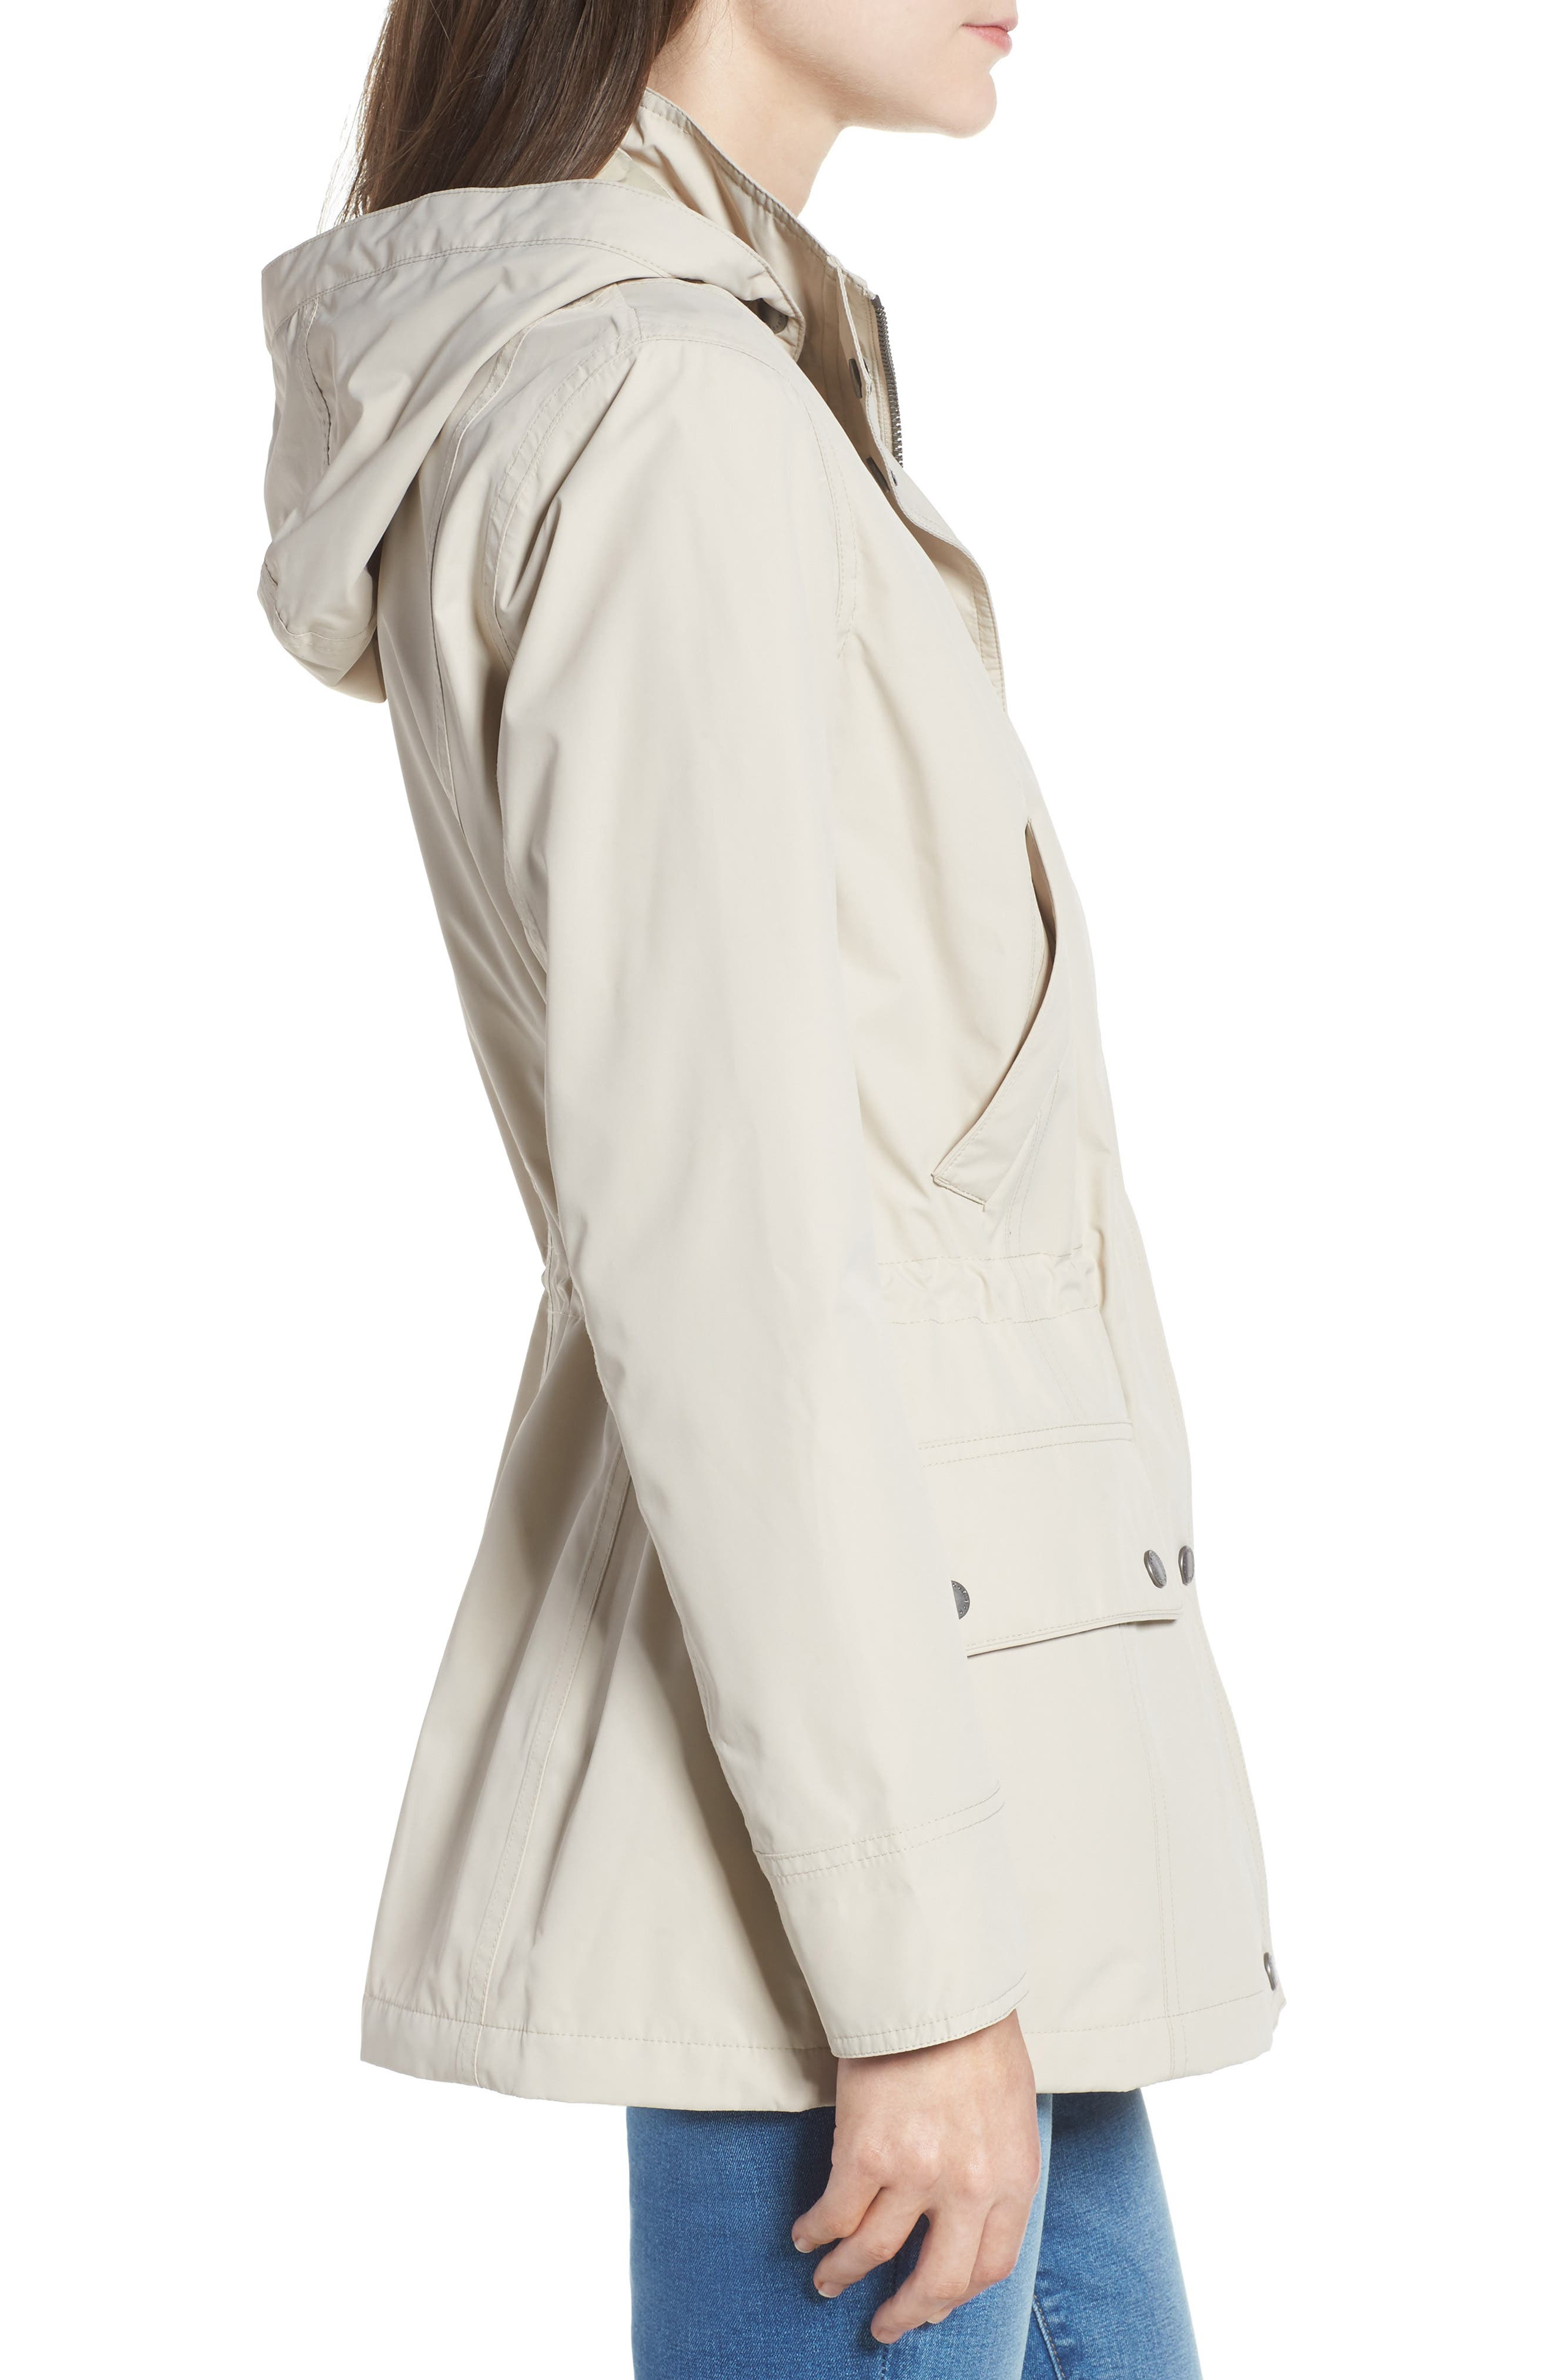 Kinnordy Waterproof Hooded Jacket,                             Alternate thumbnail 3, color,                             907